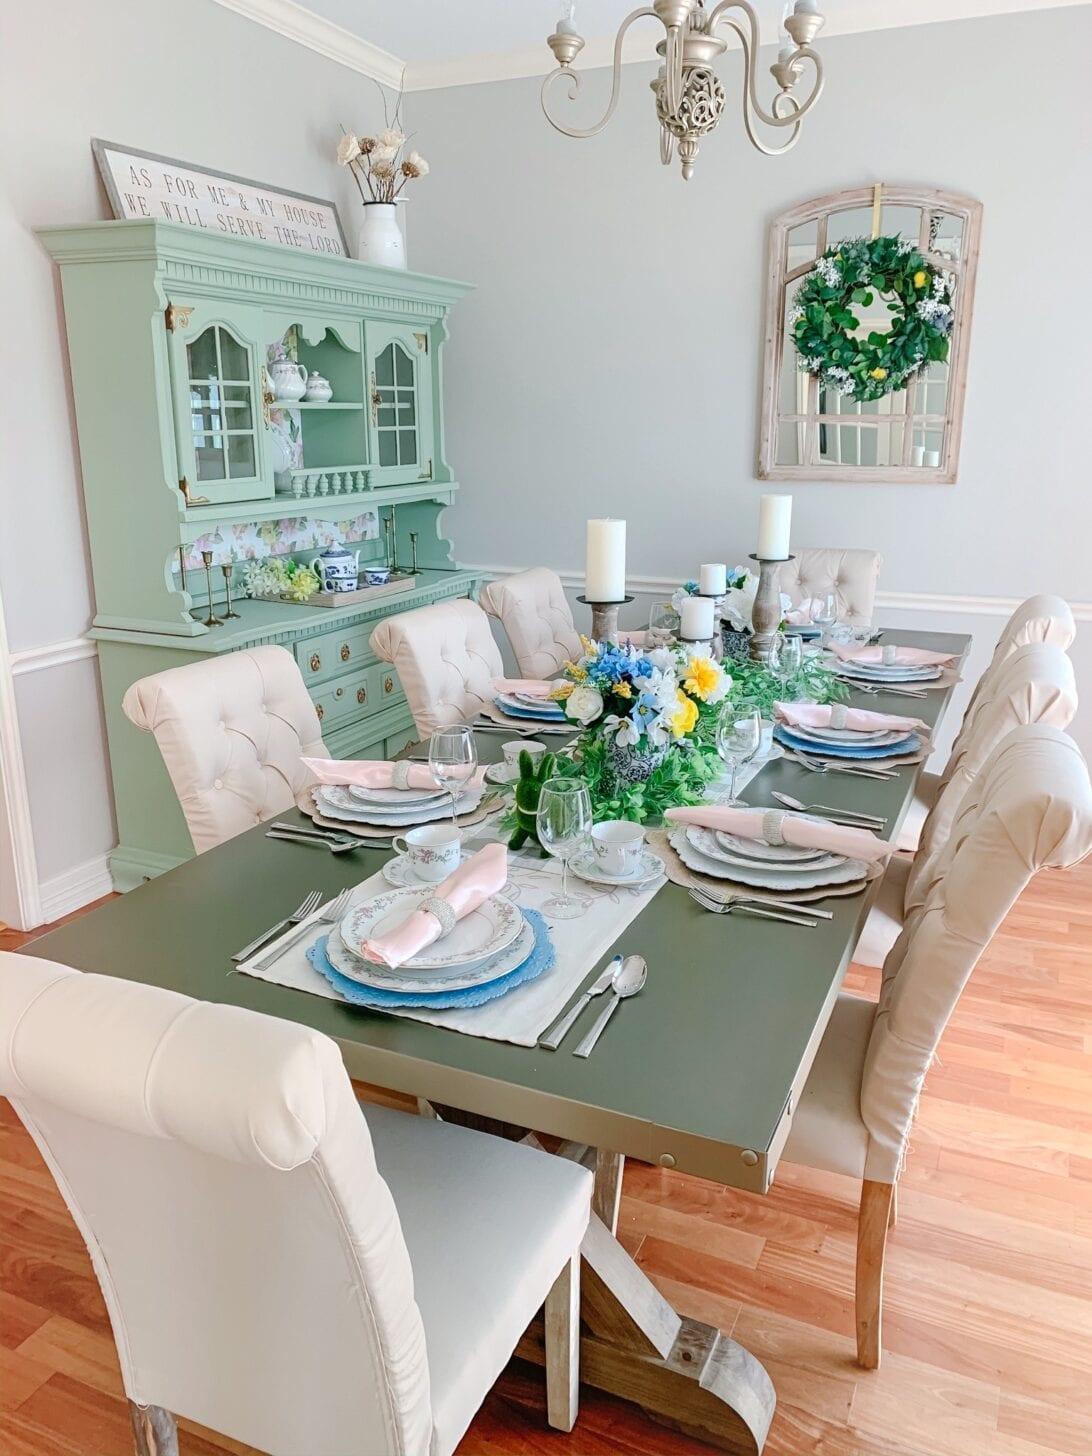 spring dining room, spring dining room decor, French country dining room decor, French country dining room, French country dining room setting